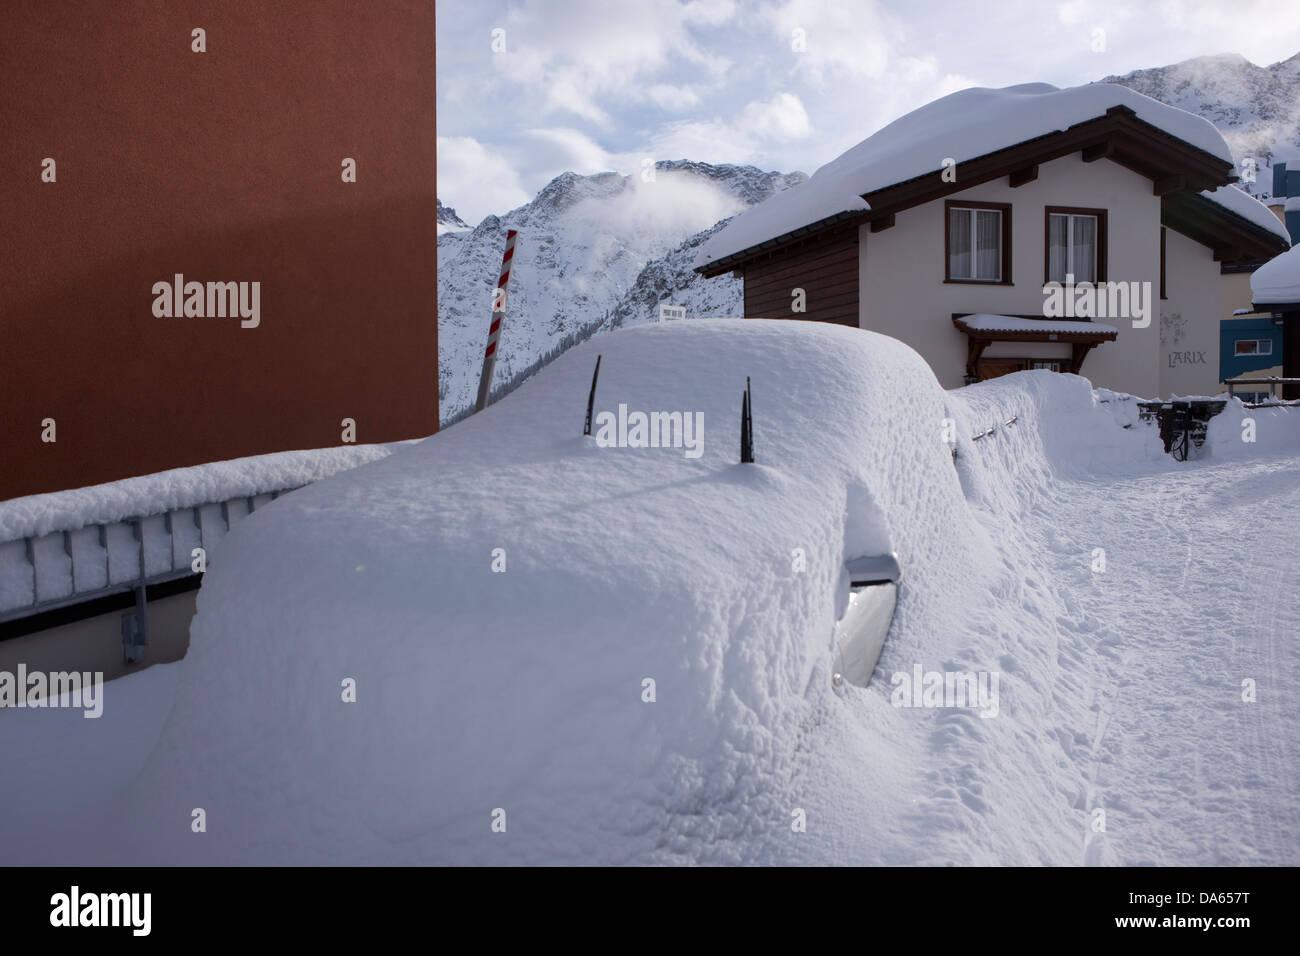 Nevado, coche, automóvil, Arosa, montaña, montañas, invierno, cantón, GR, cantón de Los Imagen De Stock